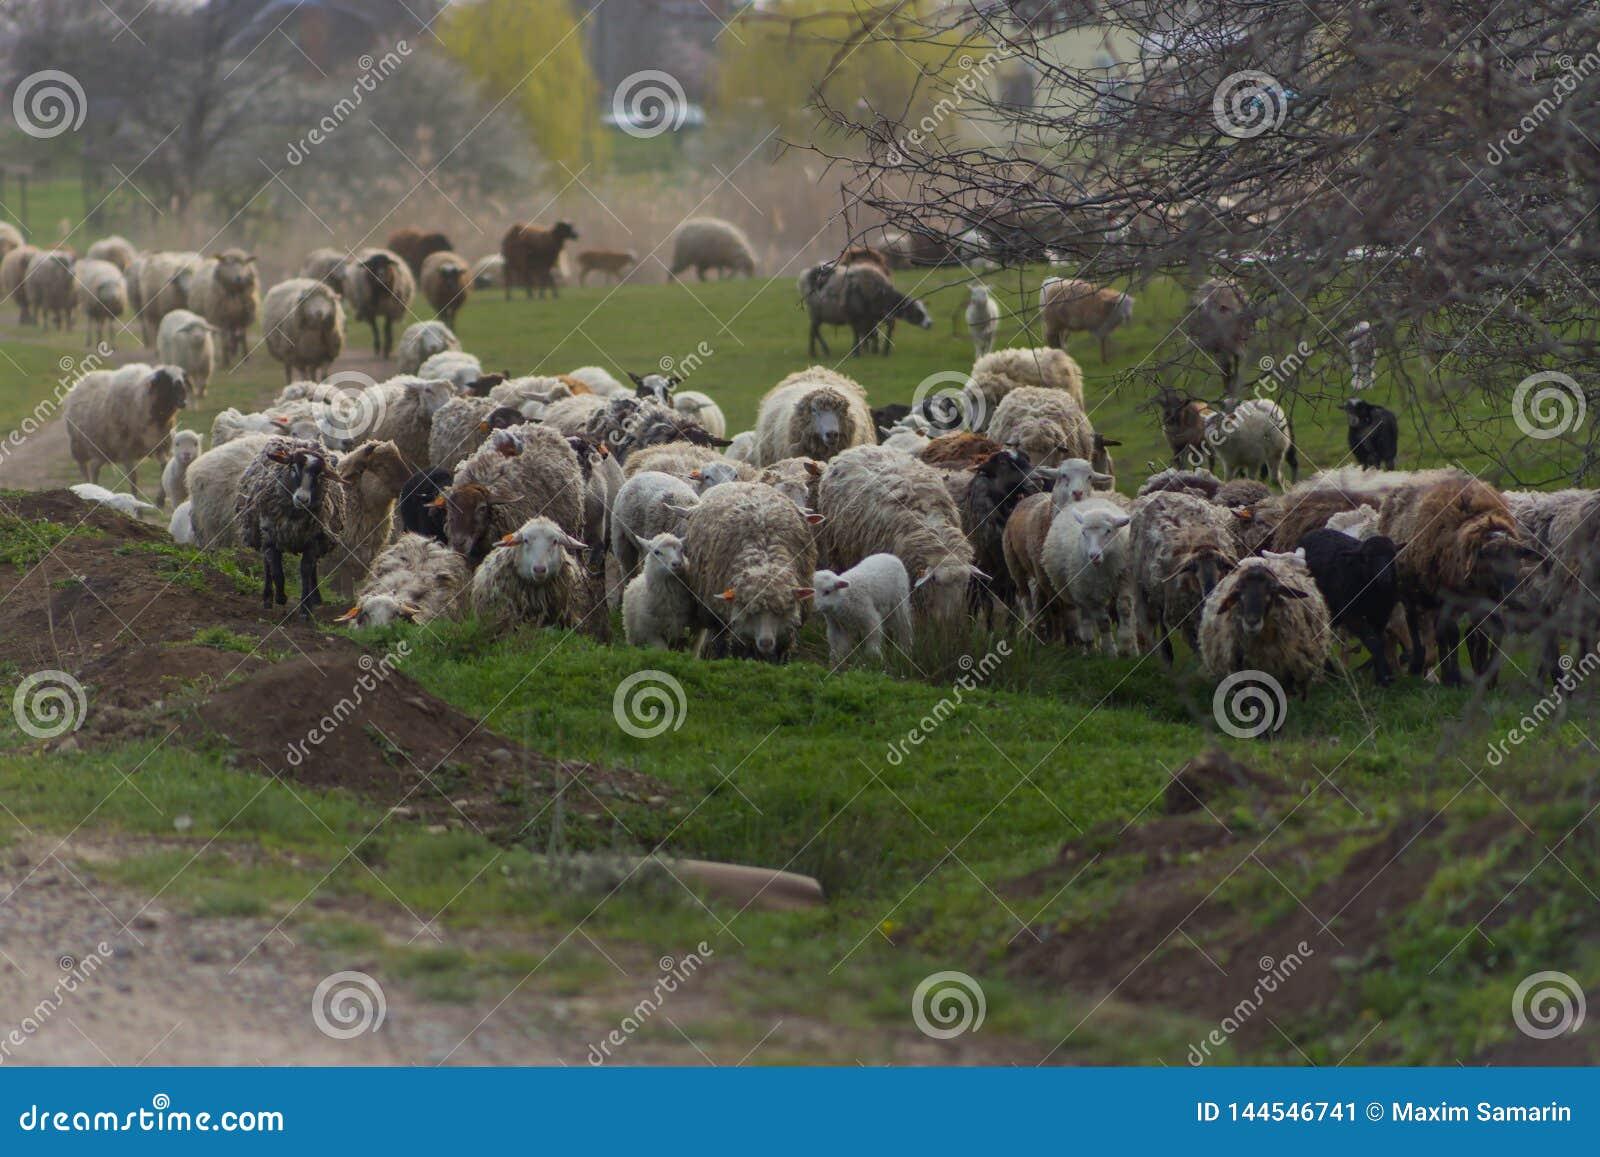 La manada de ovejas y los espolones van en la carretera nacional a pastar para comer la hierba en prado